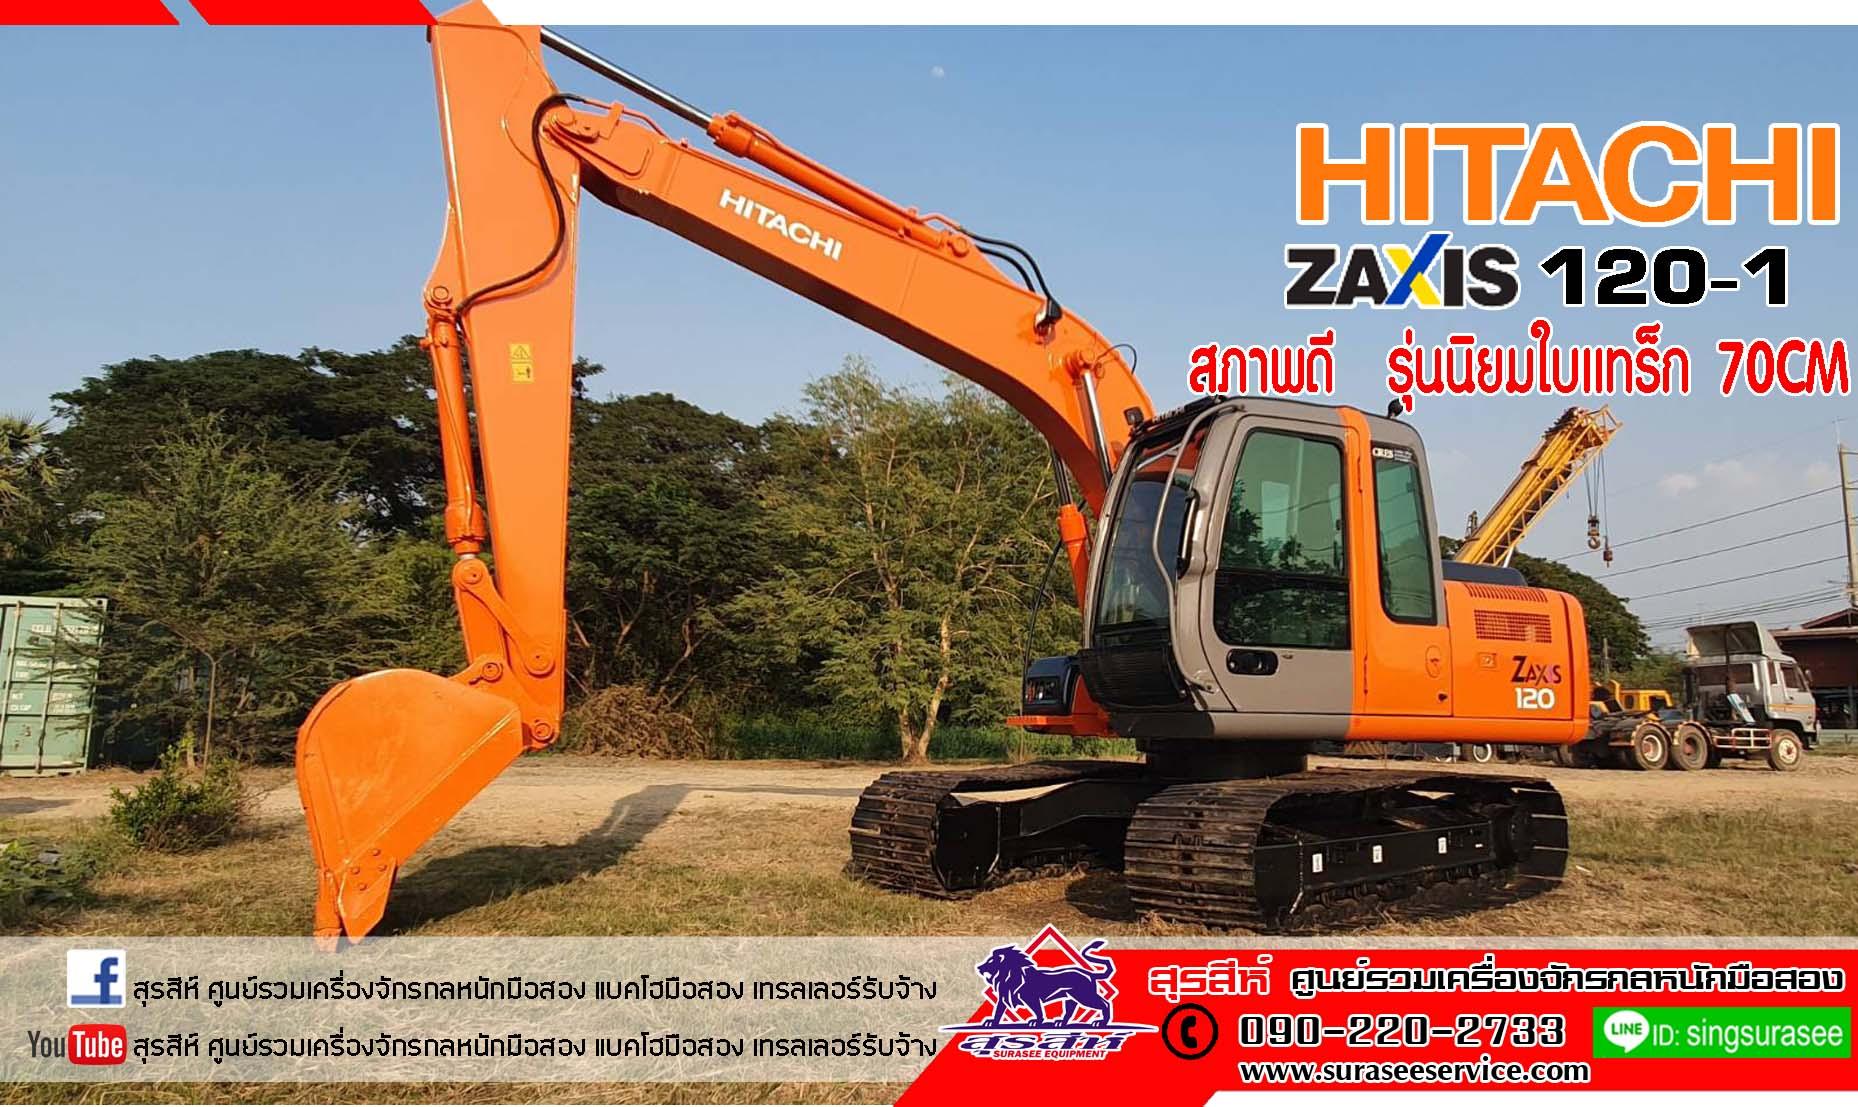 ขายรถขุดมือสอง  HITACHI ZX120-1 สเปคญี่ปุ่น สภาพเทพบุตร ใบแทร็ค 70 cm.